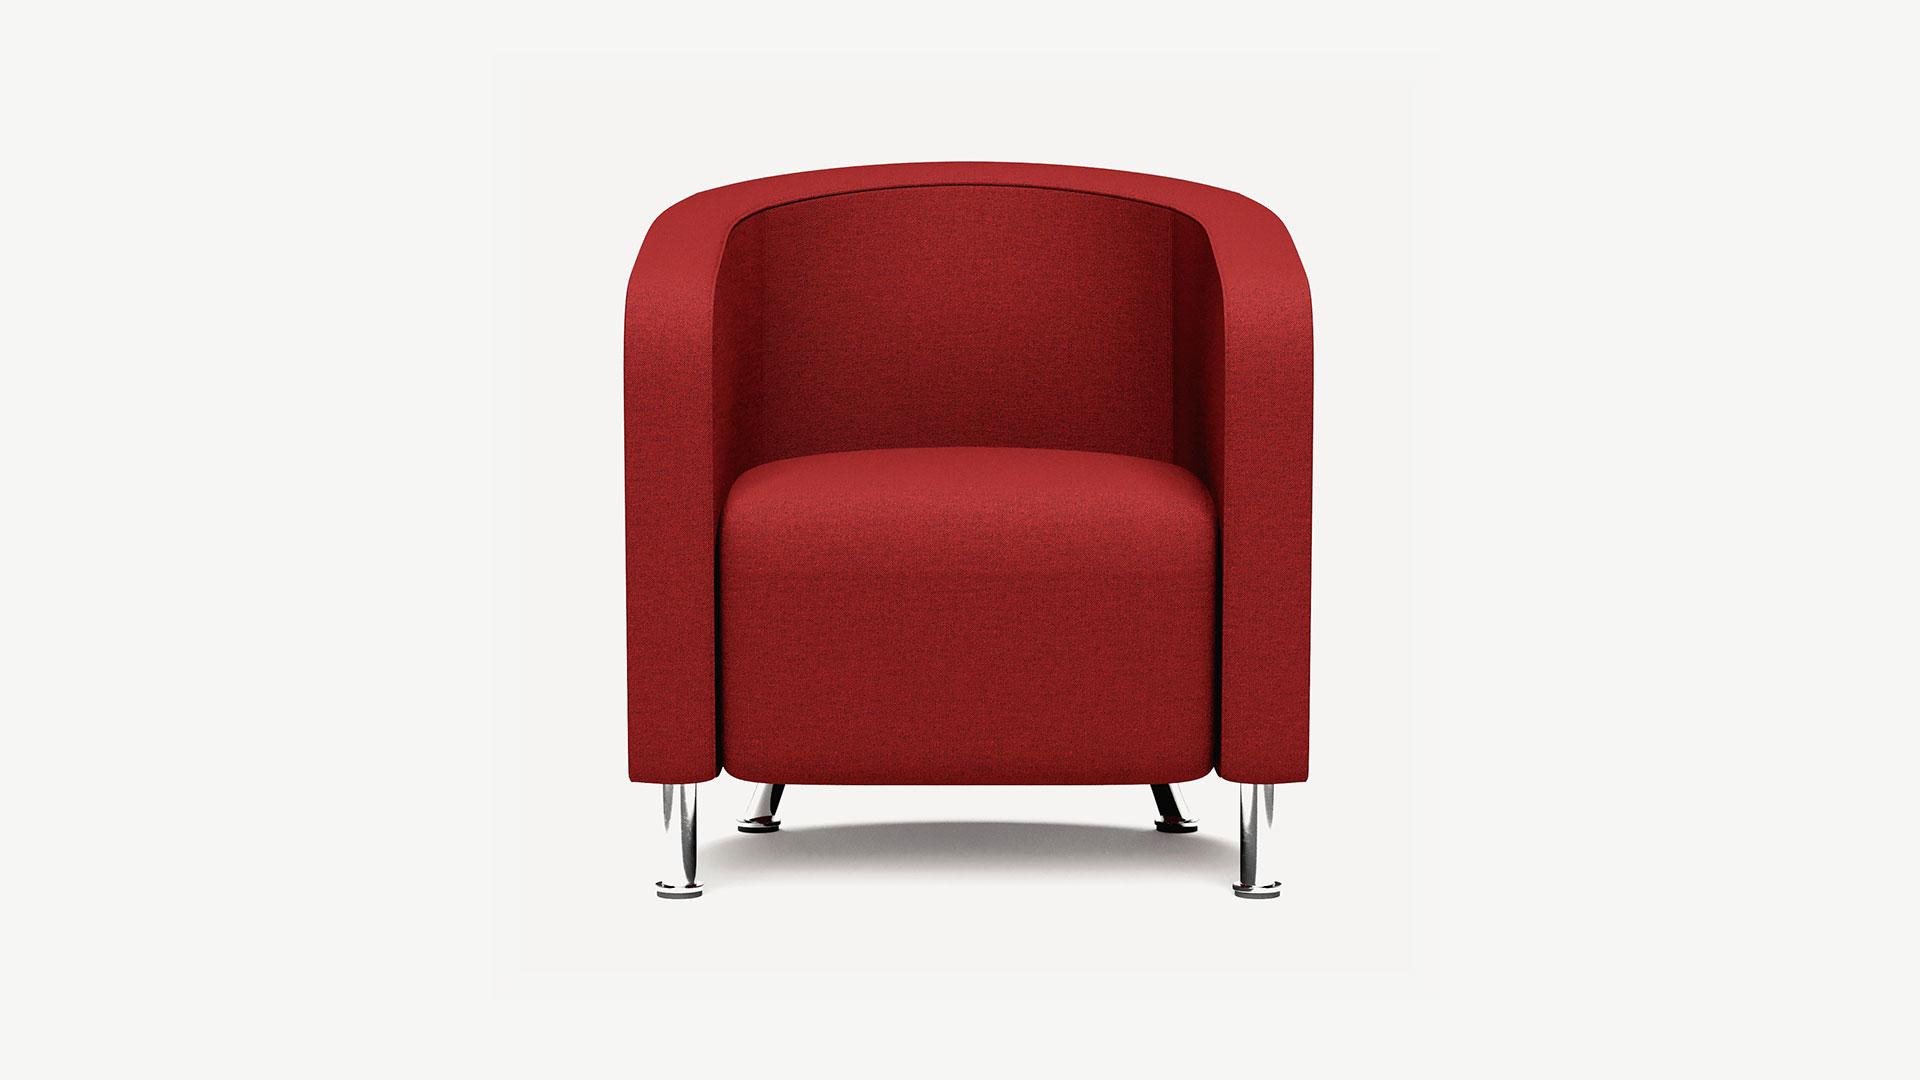 Dauphin_Sessel_dunkelrot_Clubchair_1